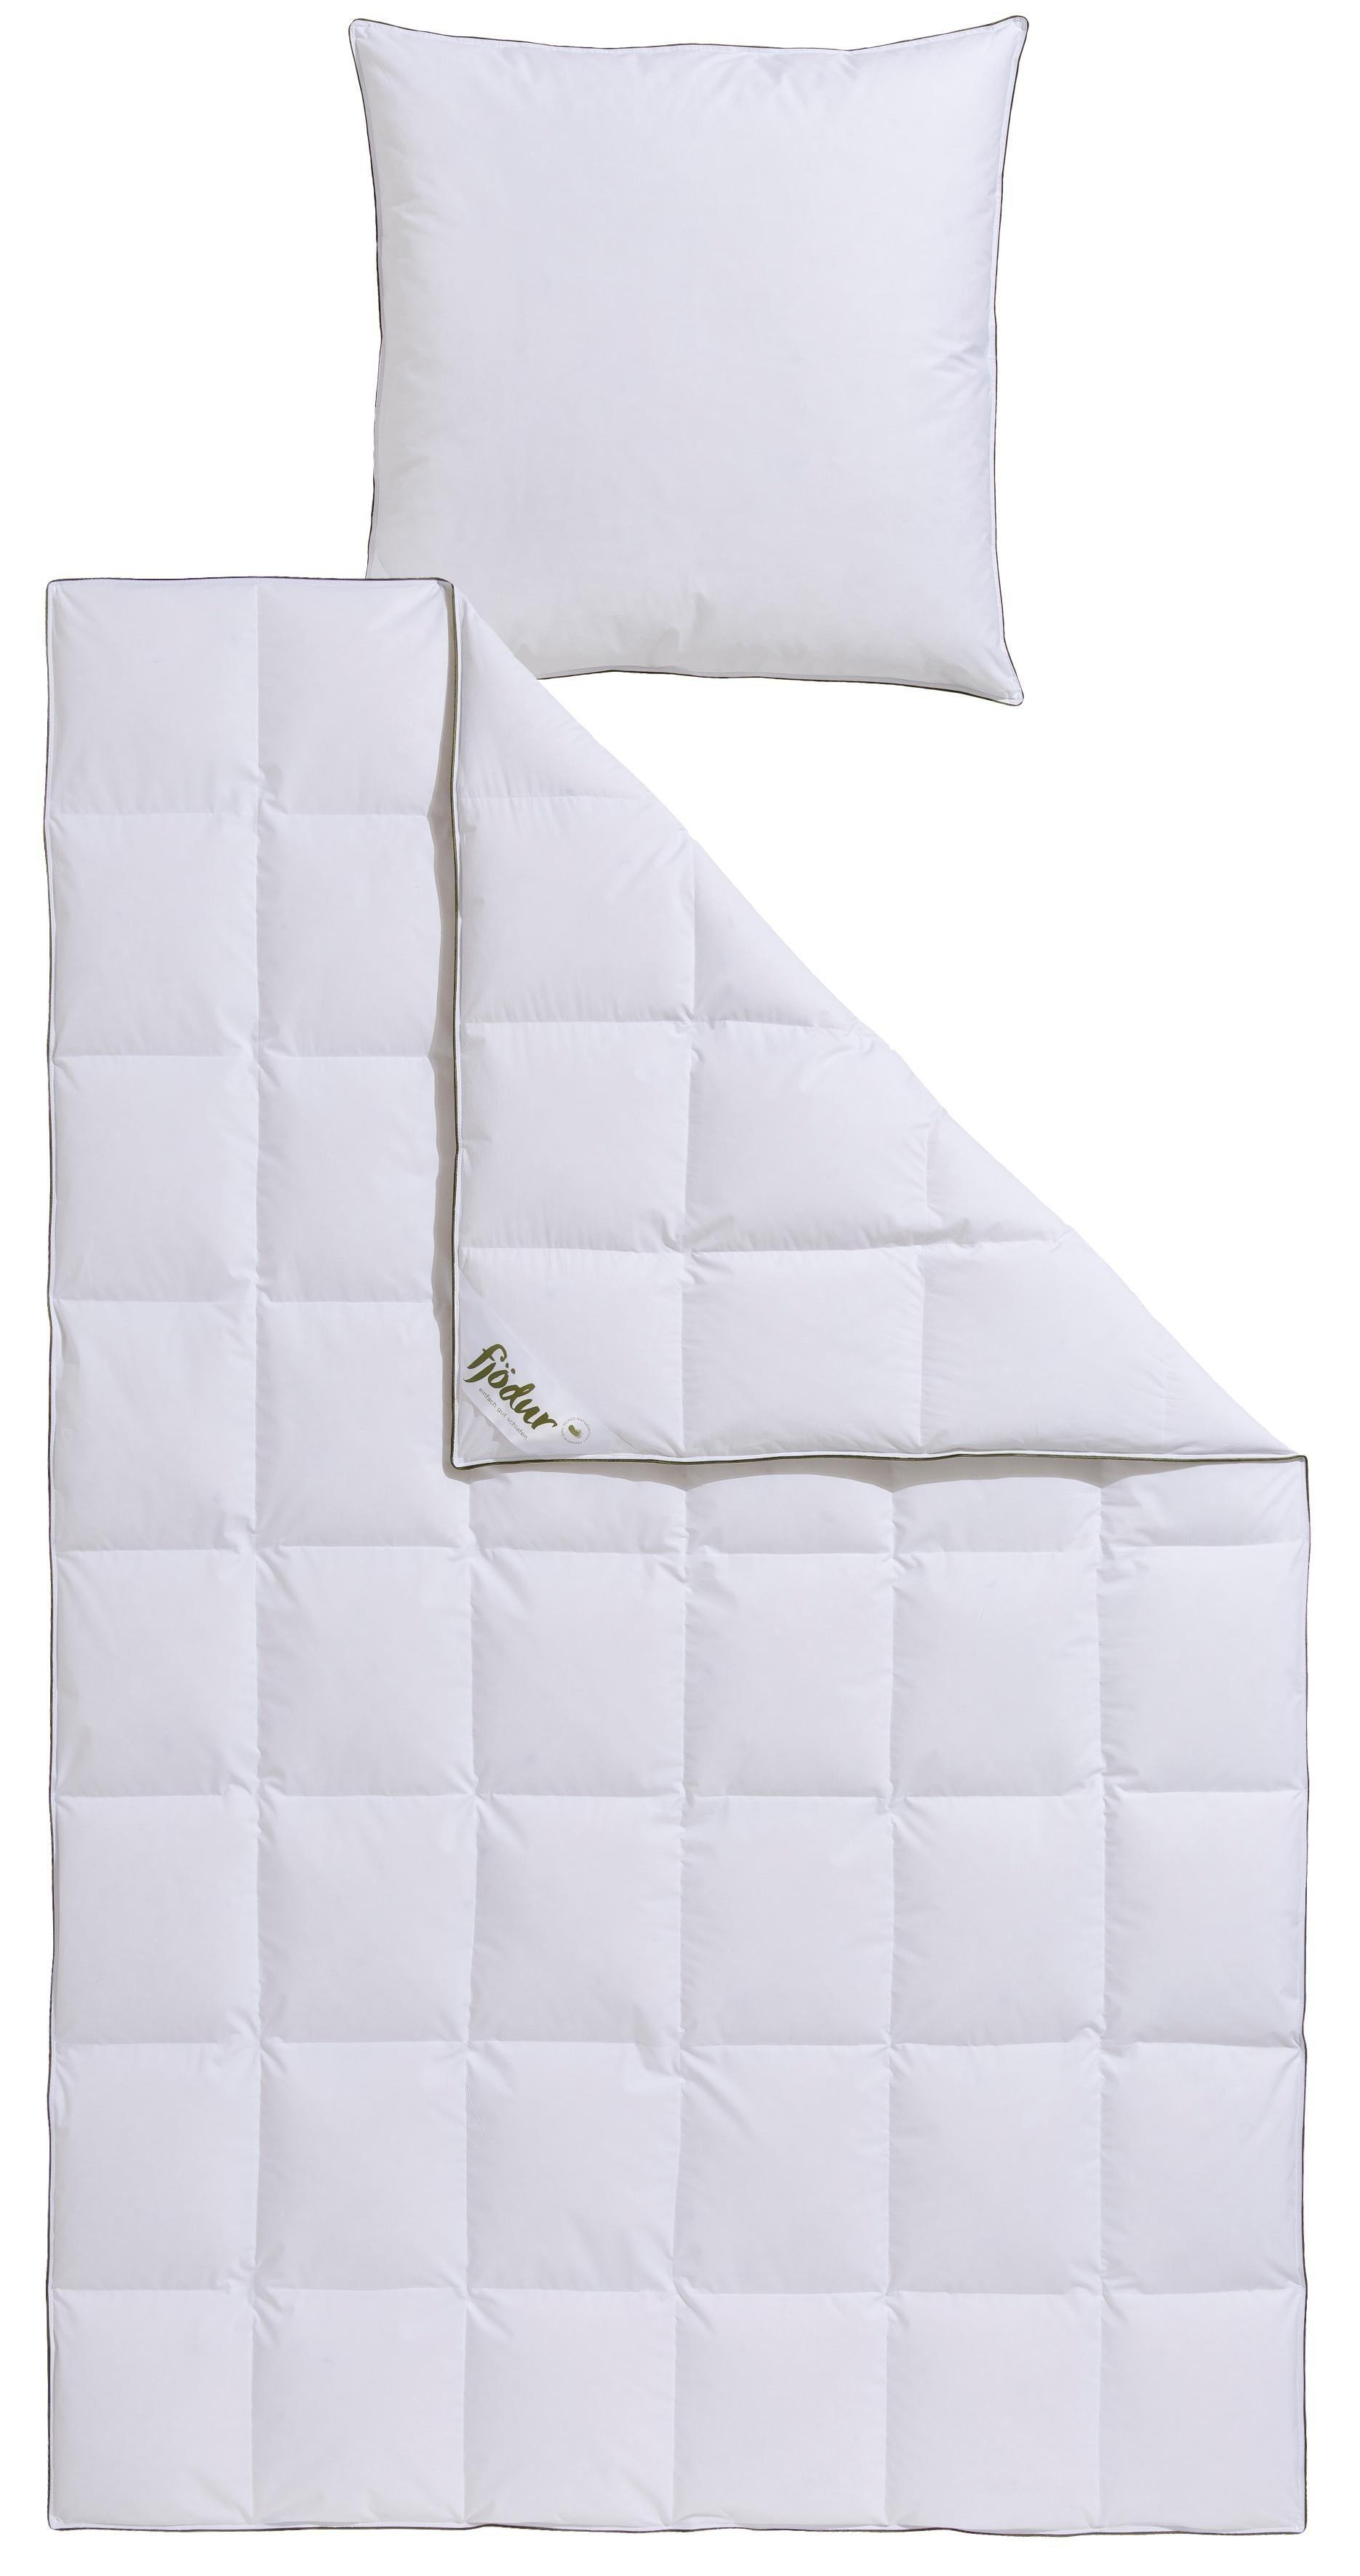 Daunenbettdecke + Federkissen, »Felix«, fjödur, Normal, 90% Daunen, 10% Federn, 100% Baumwolle, ausgezeichnt mit dem Siegel ´´MILBEN-BARRIERE´´ | Heimtextilien > Decken und Kissen > Bettdecken | Federn | fjödur